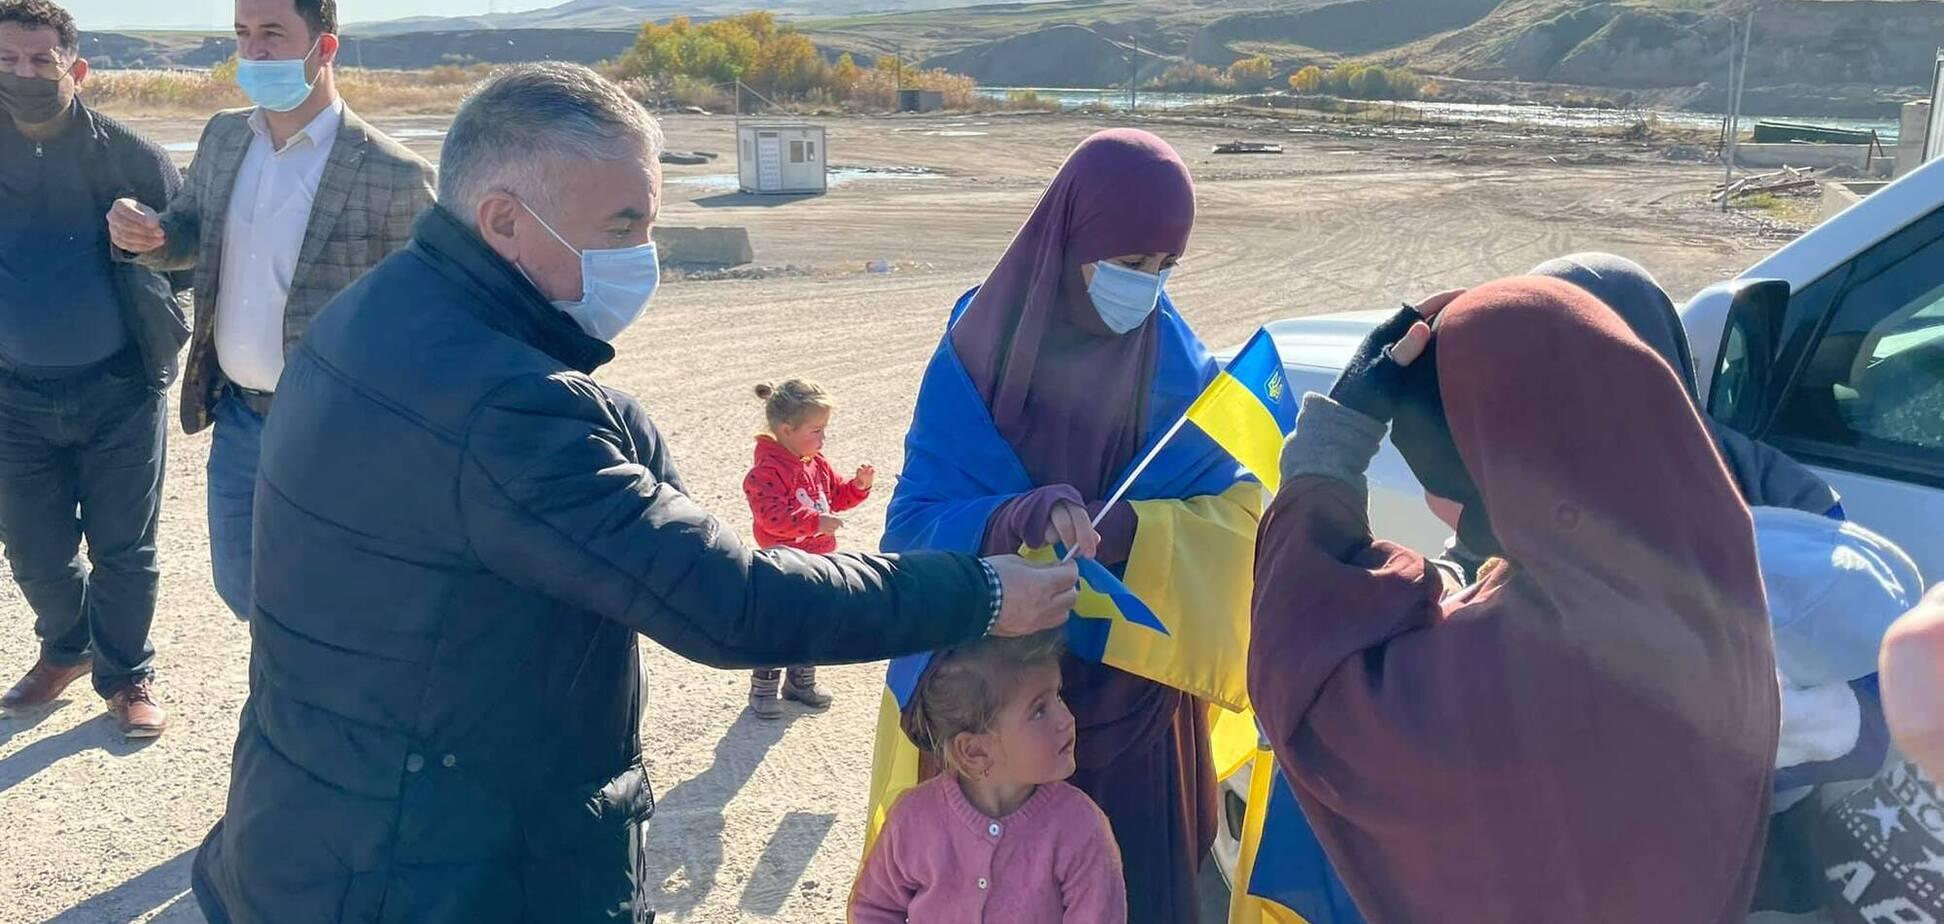 Украина освободила из сирийского лагеря 9 граждан